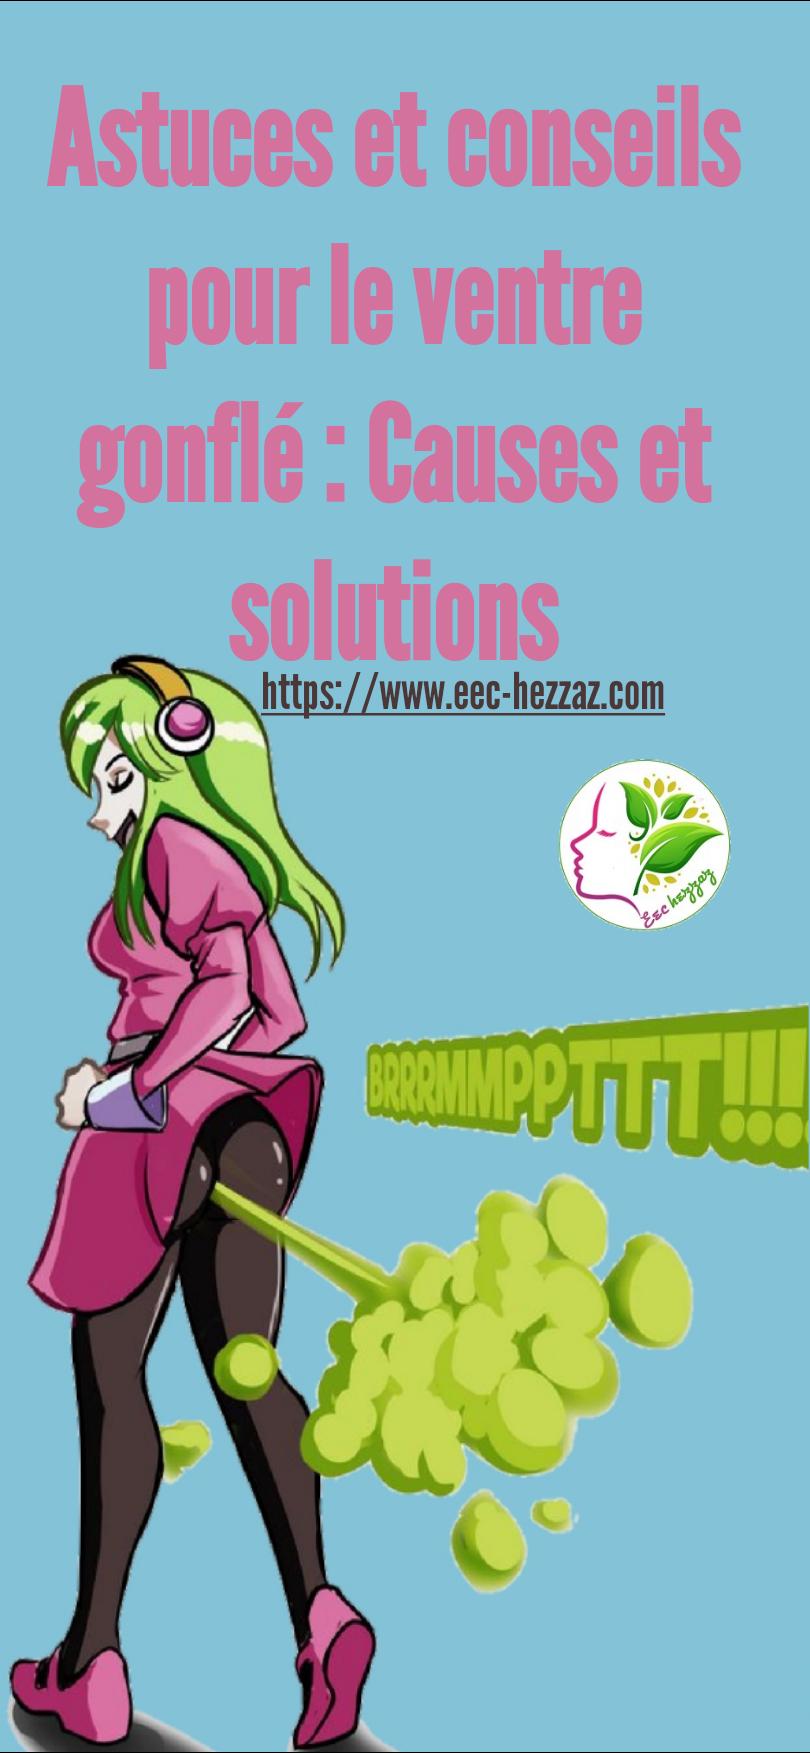 Astuces et conseils pour le ventre gonflé : Causes et solutions